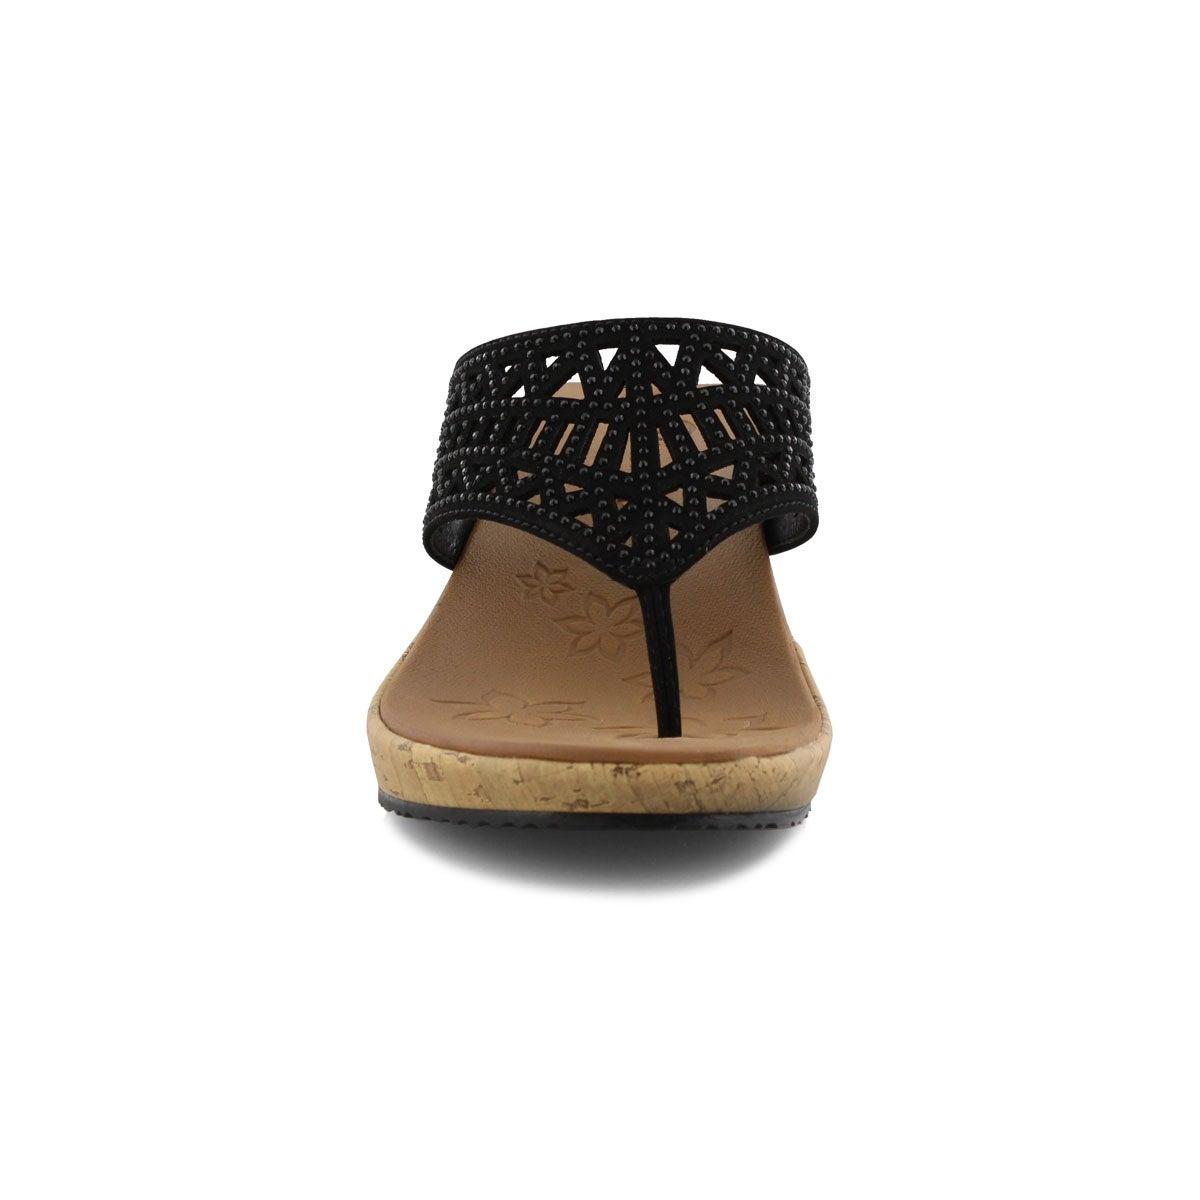 Sandale tong Beverleem, noir, femmes